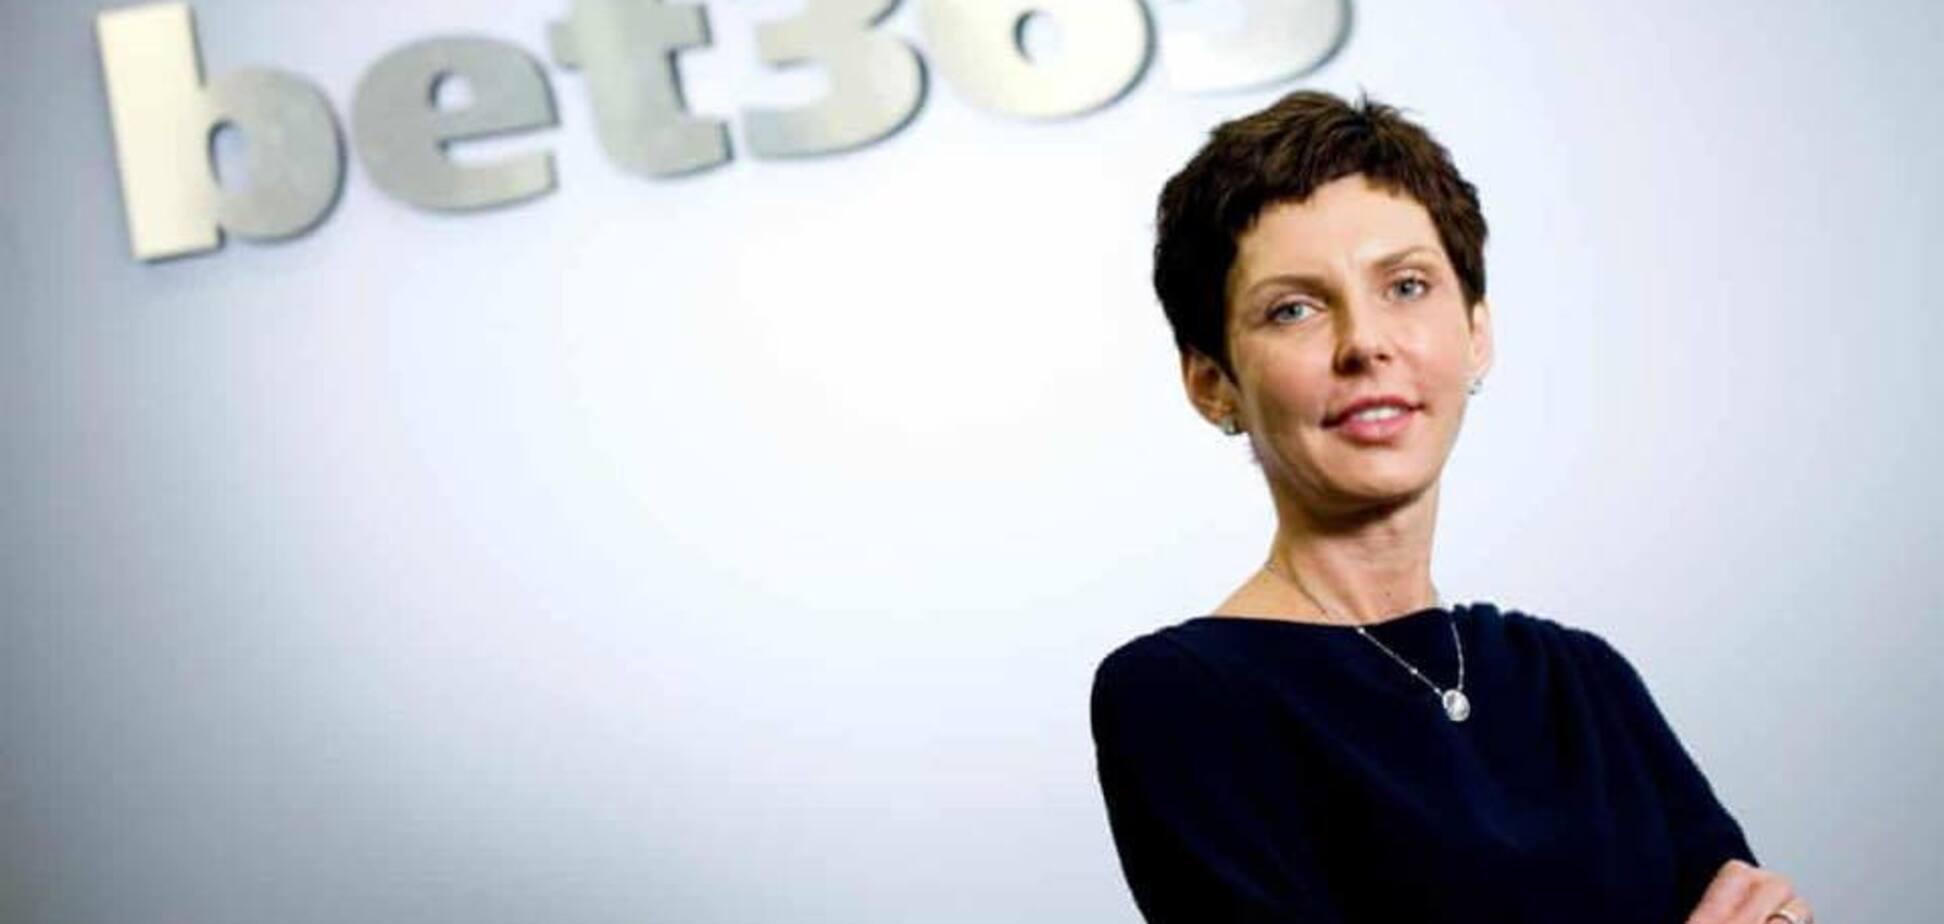 Скромная женщина: кто самый высокооплачиваемый менеджер в мире